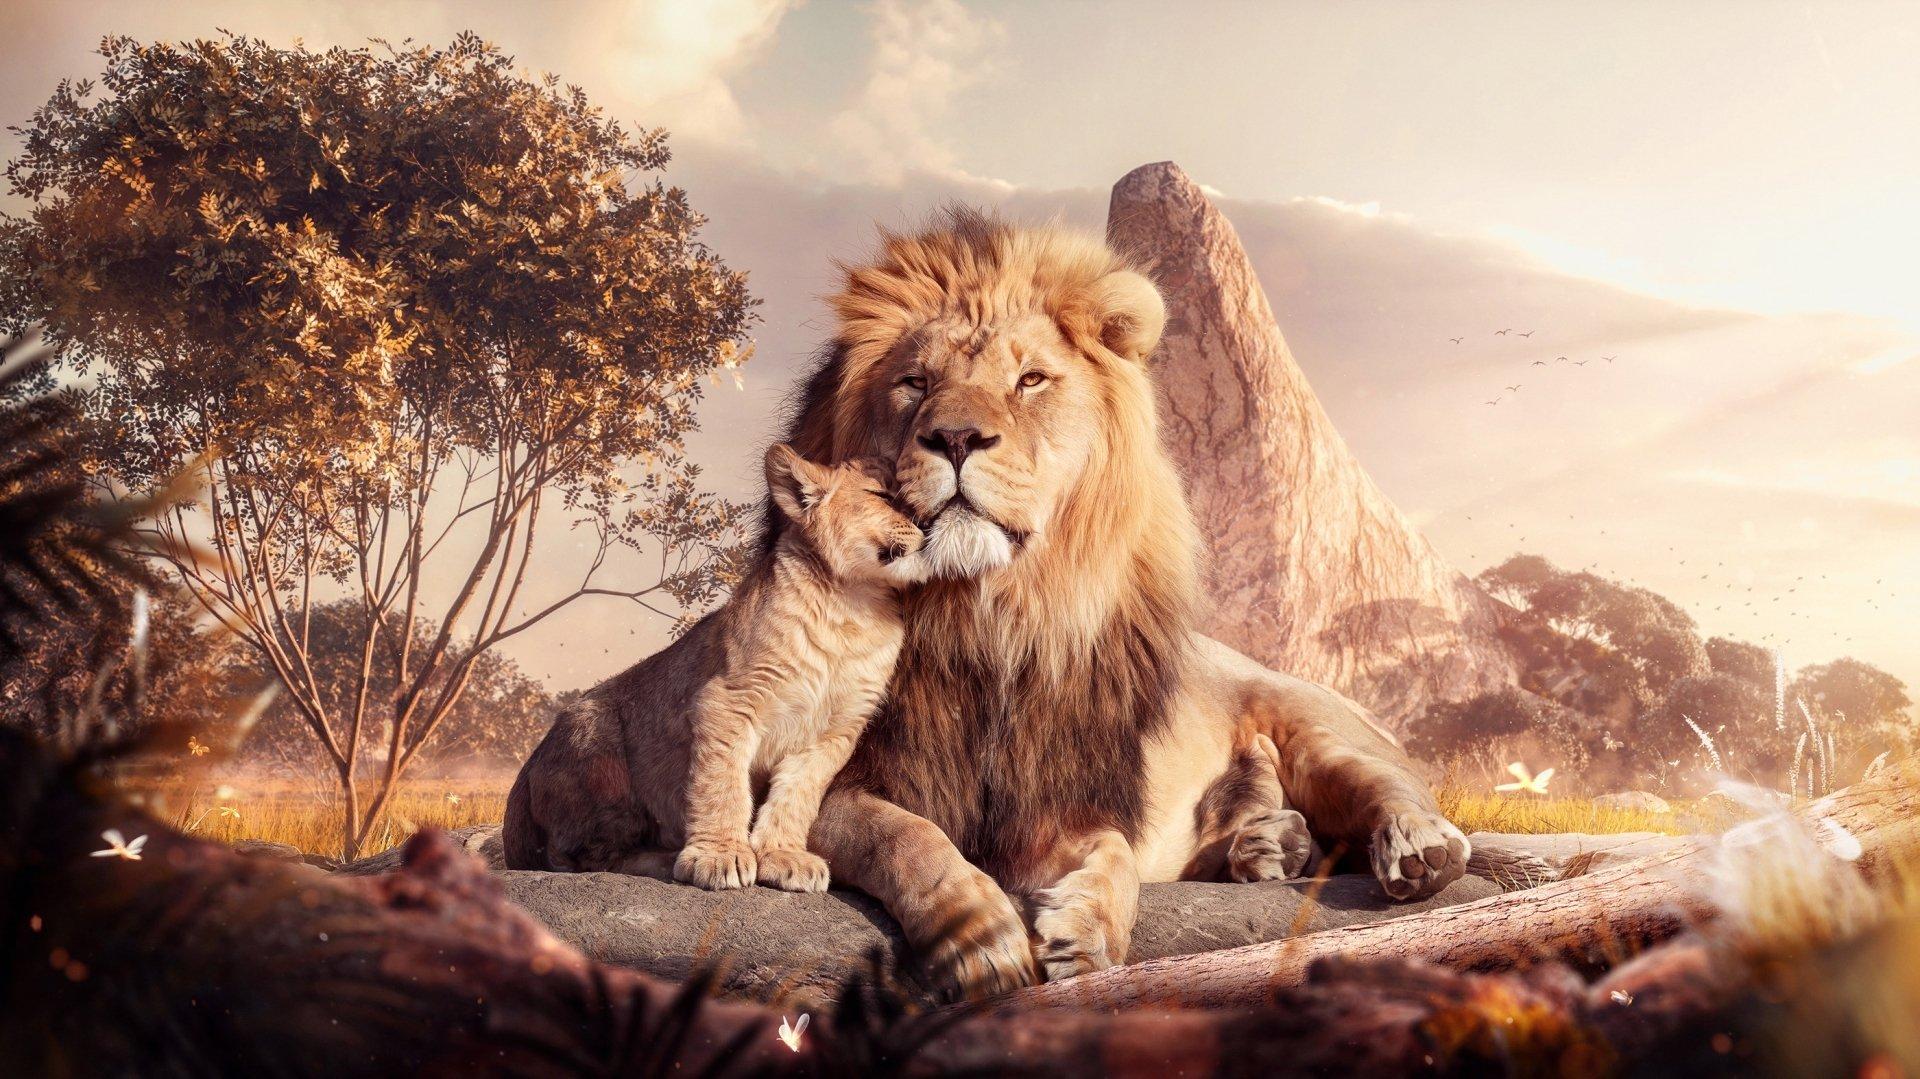 Le Roi lion (2019) Fond d'écran HD | Arrière-Plan | 2800x1574 | ID:1052600 - Wallpaper Abyss